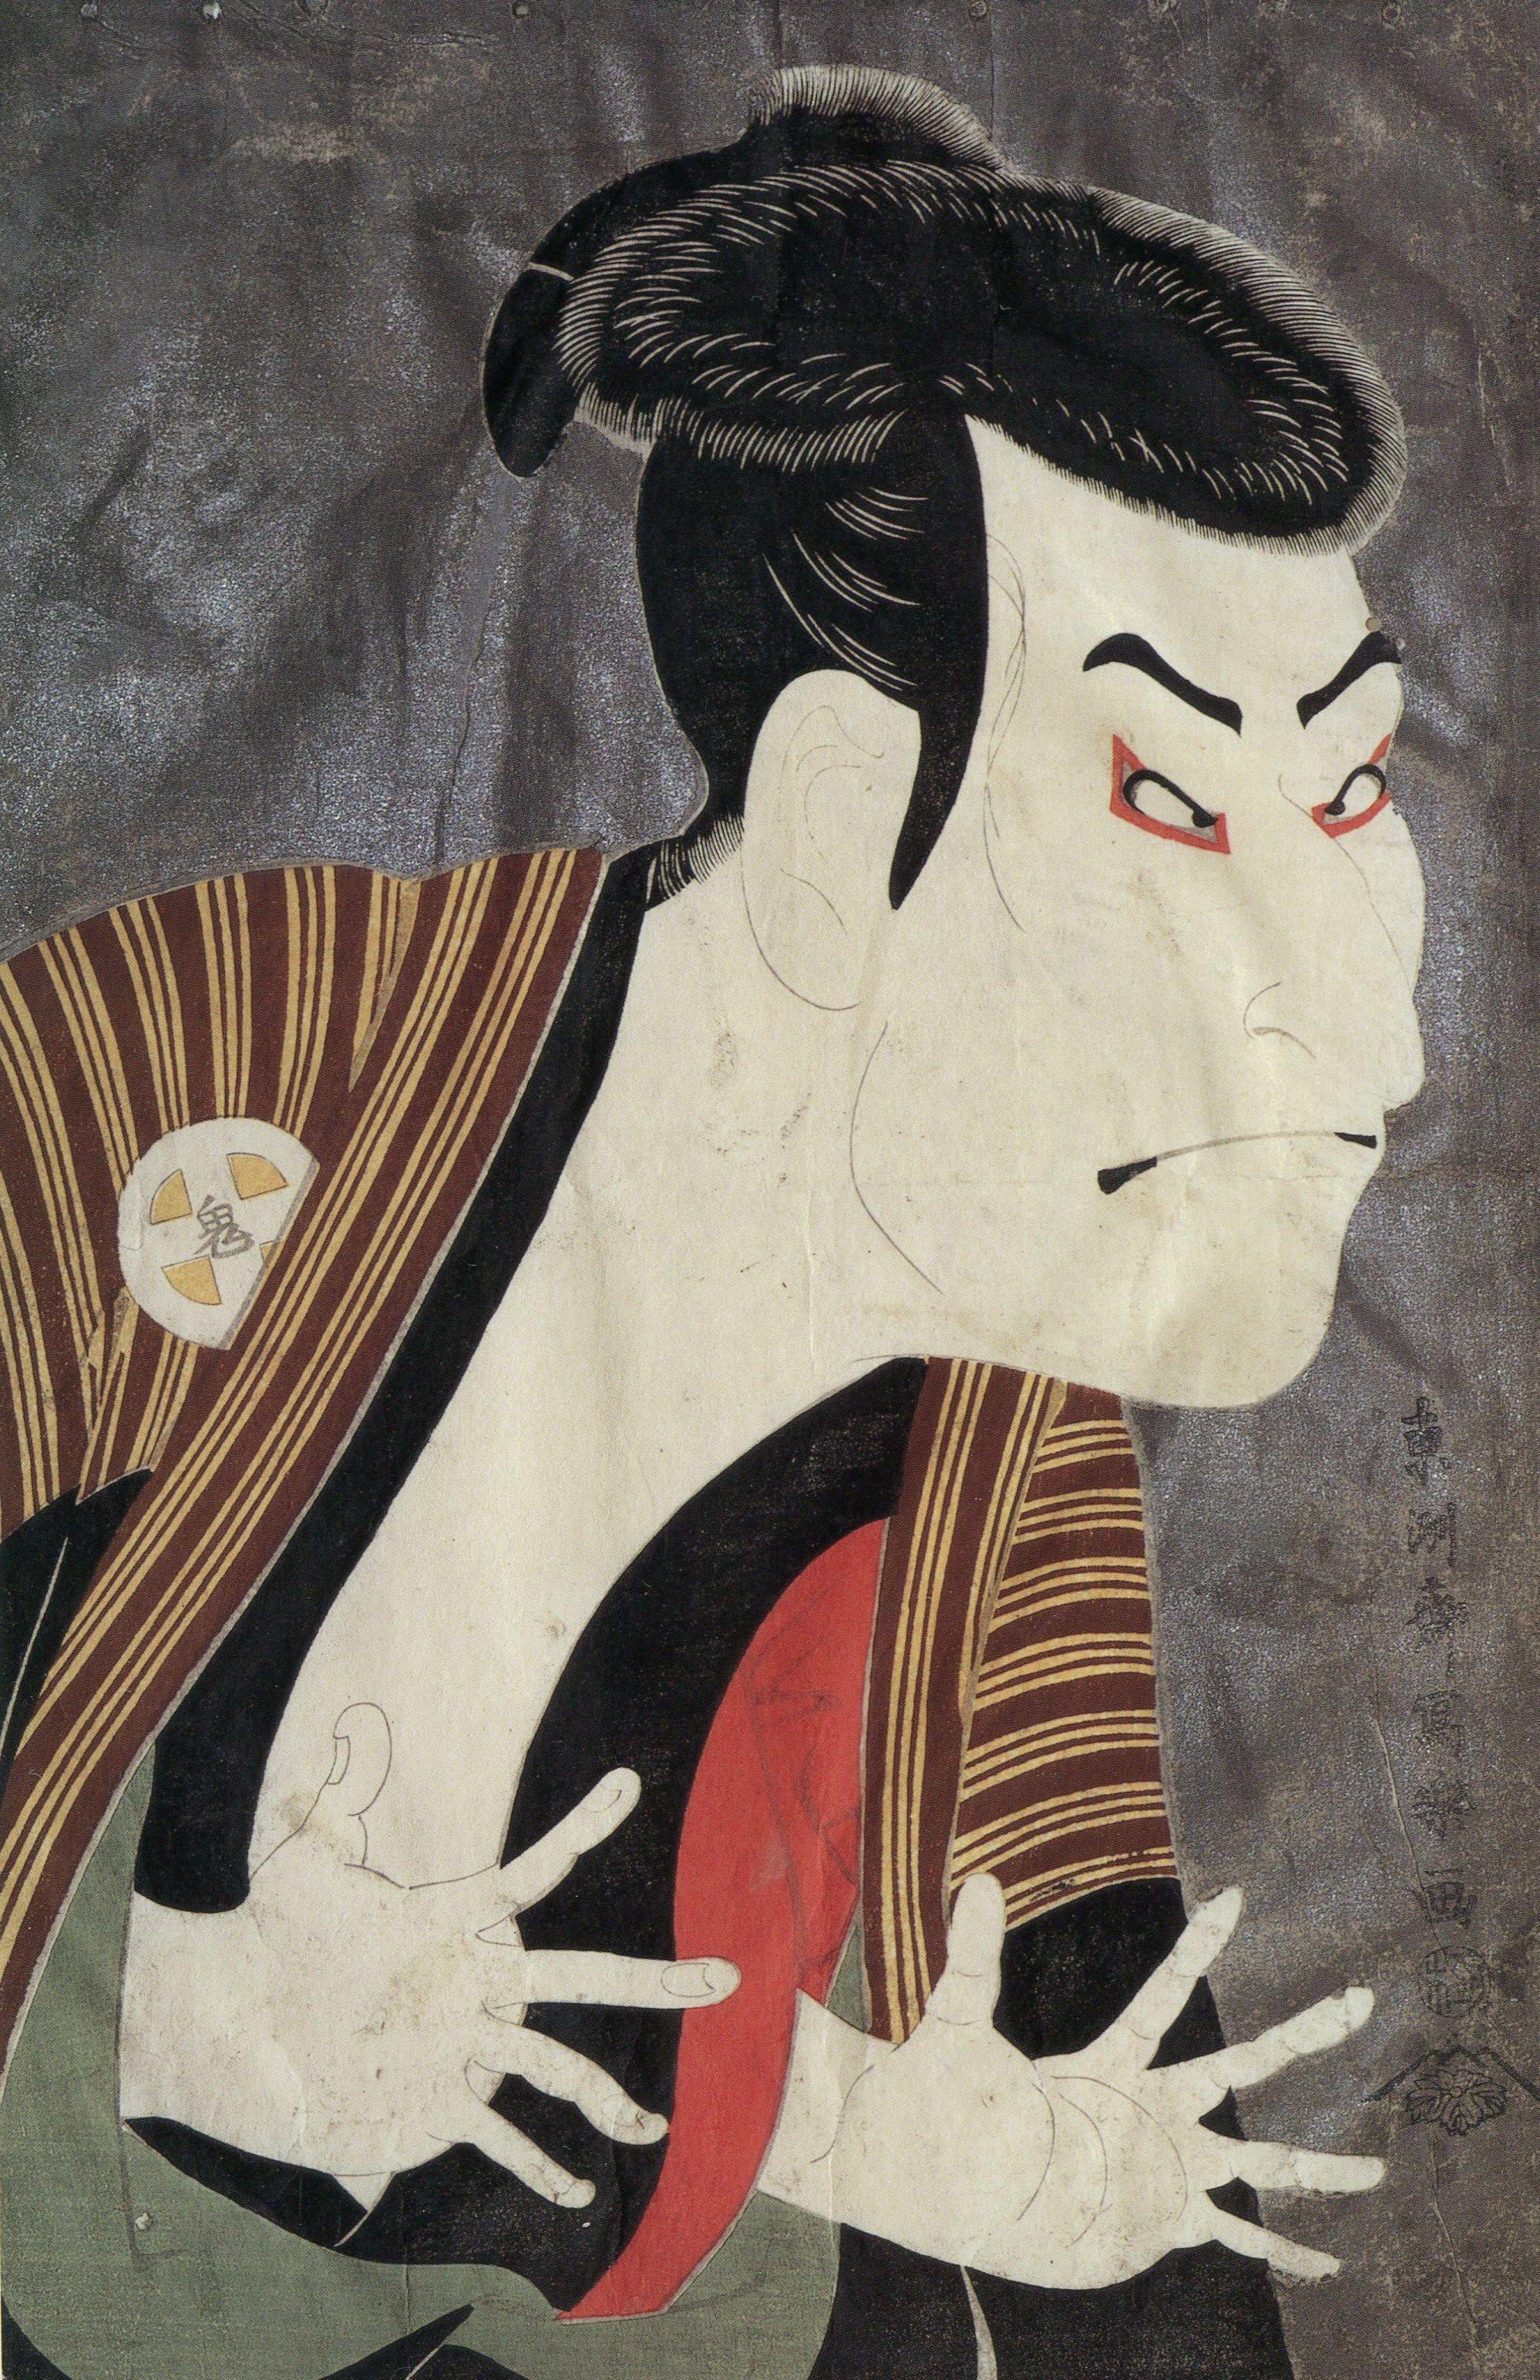 [浮世絵]東洲斎写楽 浮世絵 フリー画像 写楽 歌麿 Japanese art, Japanese